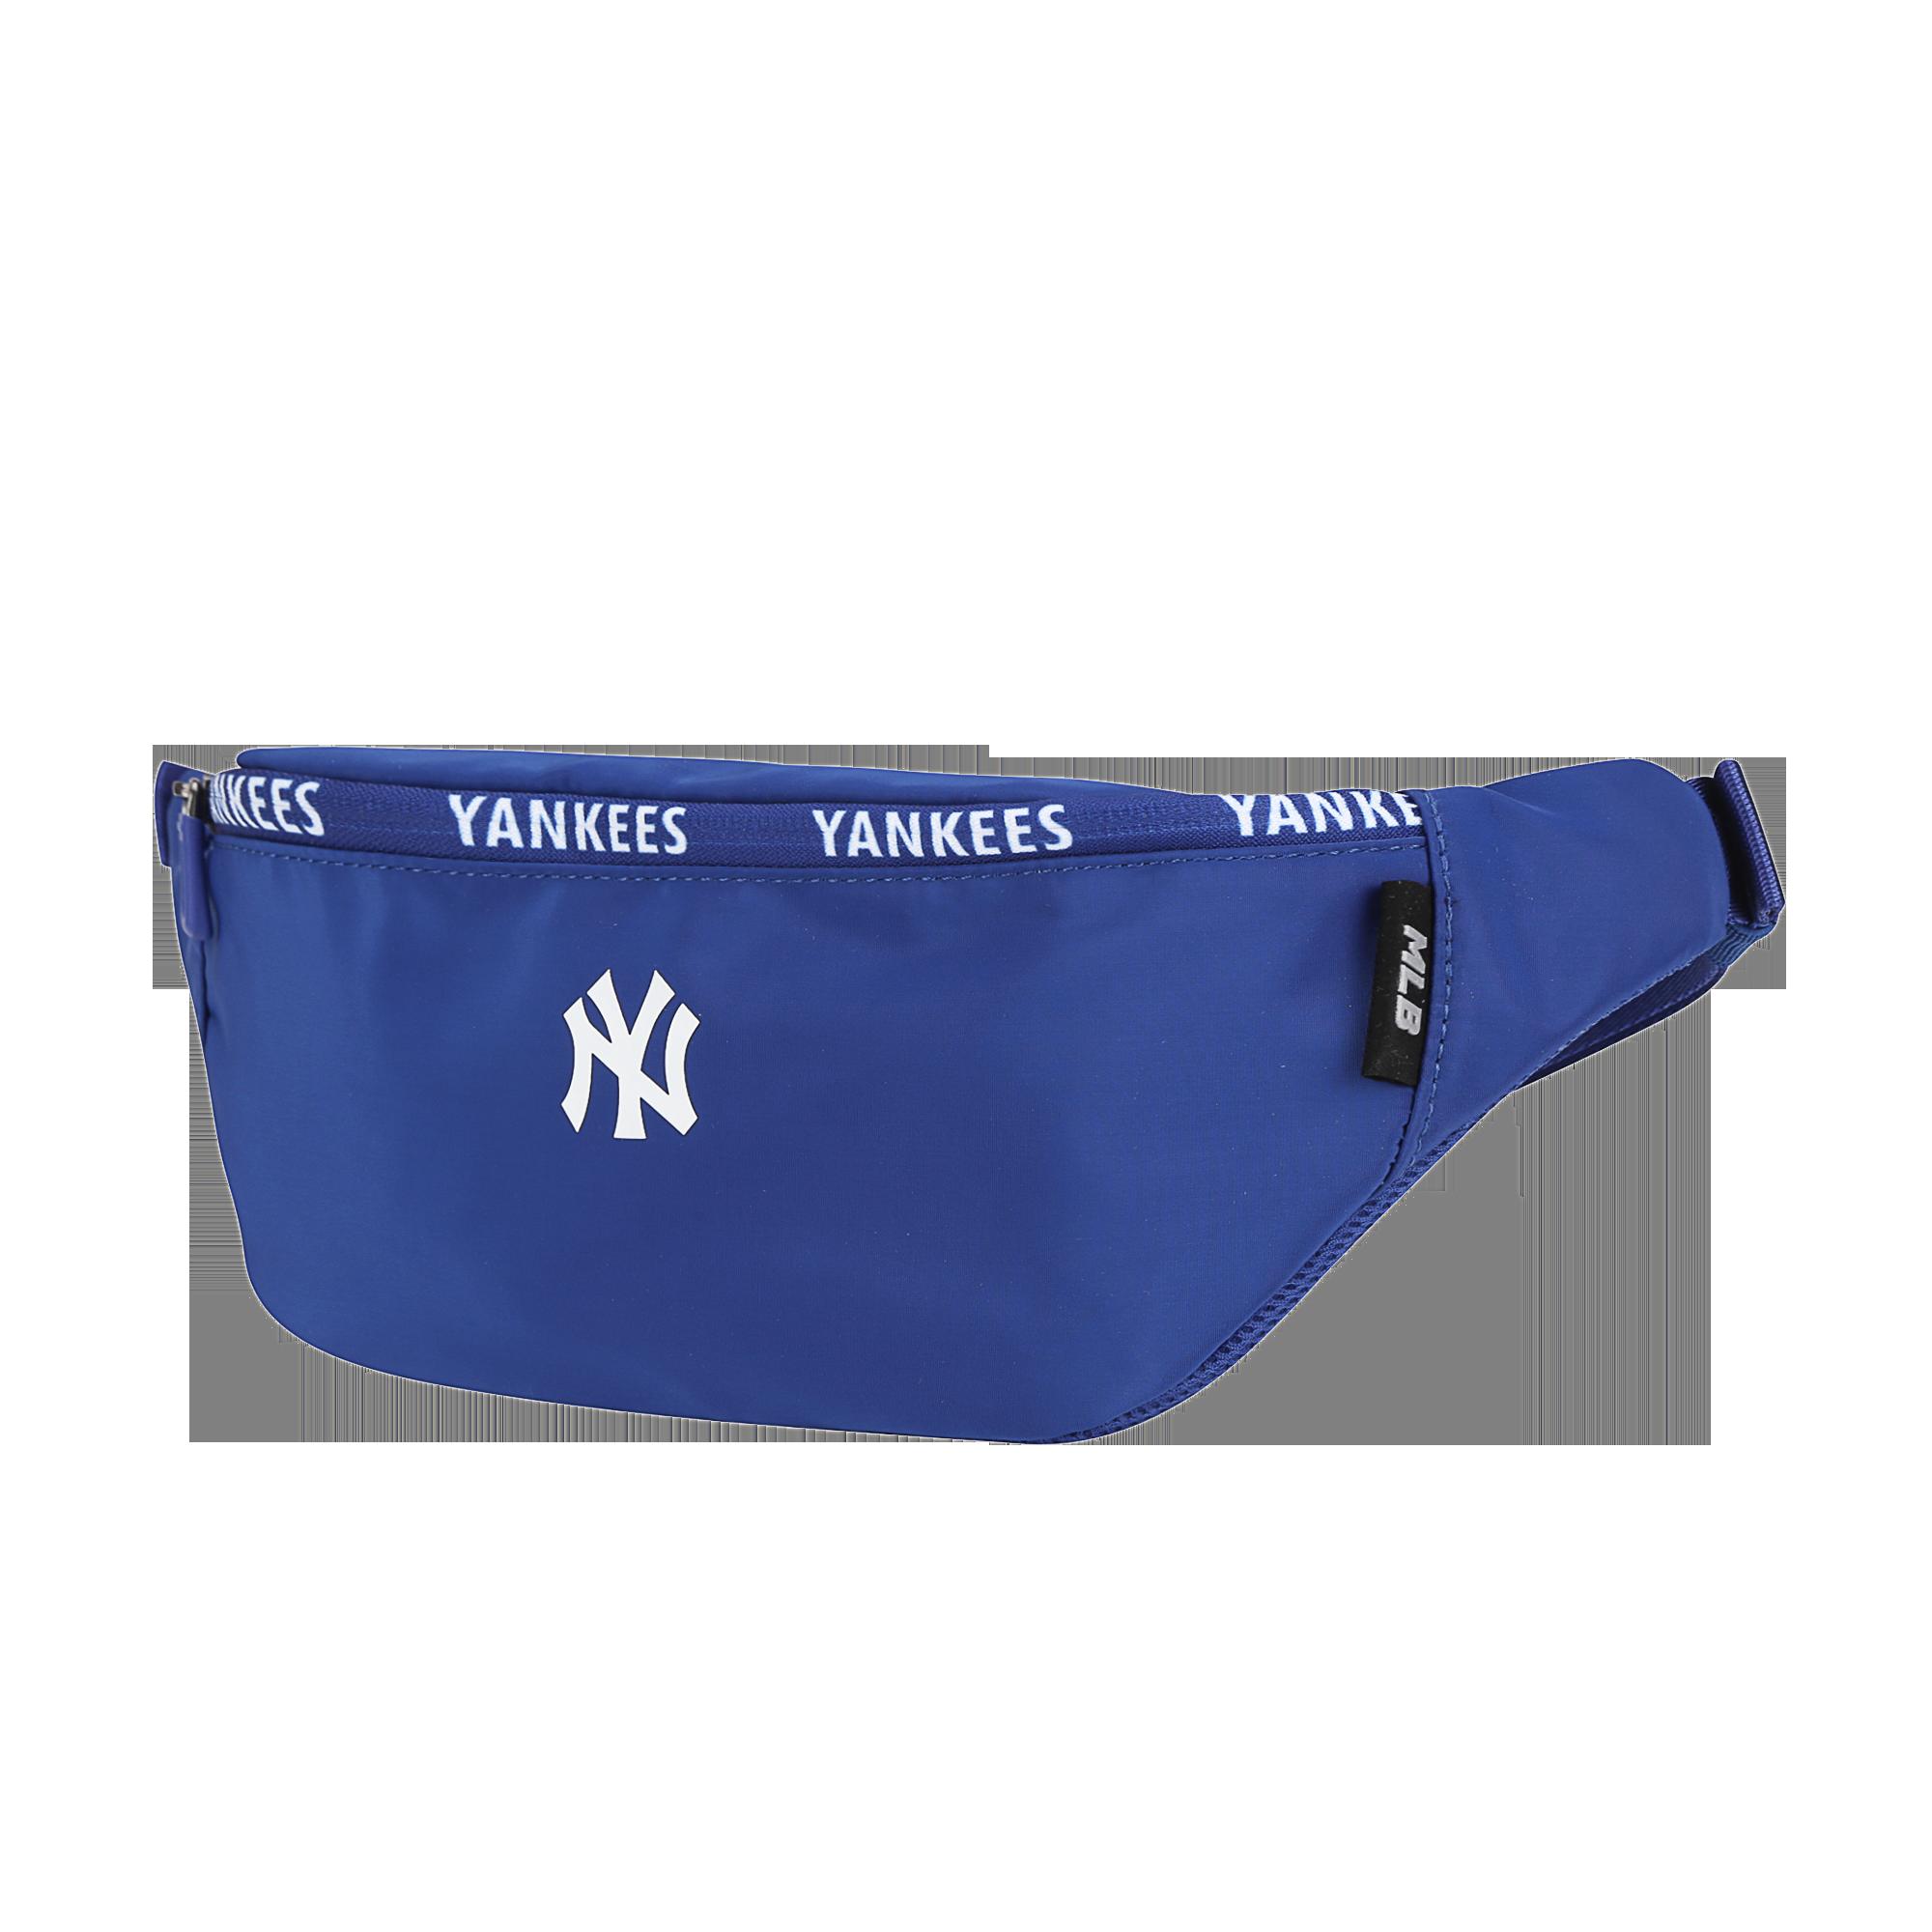 NEW YORK YANKEES NEON WAIST BAG